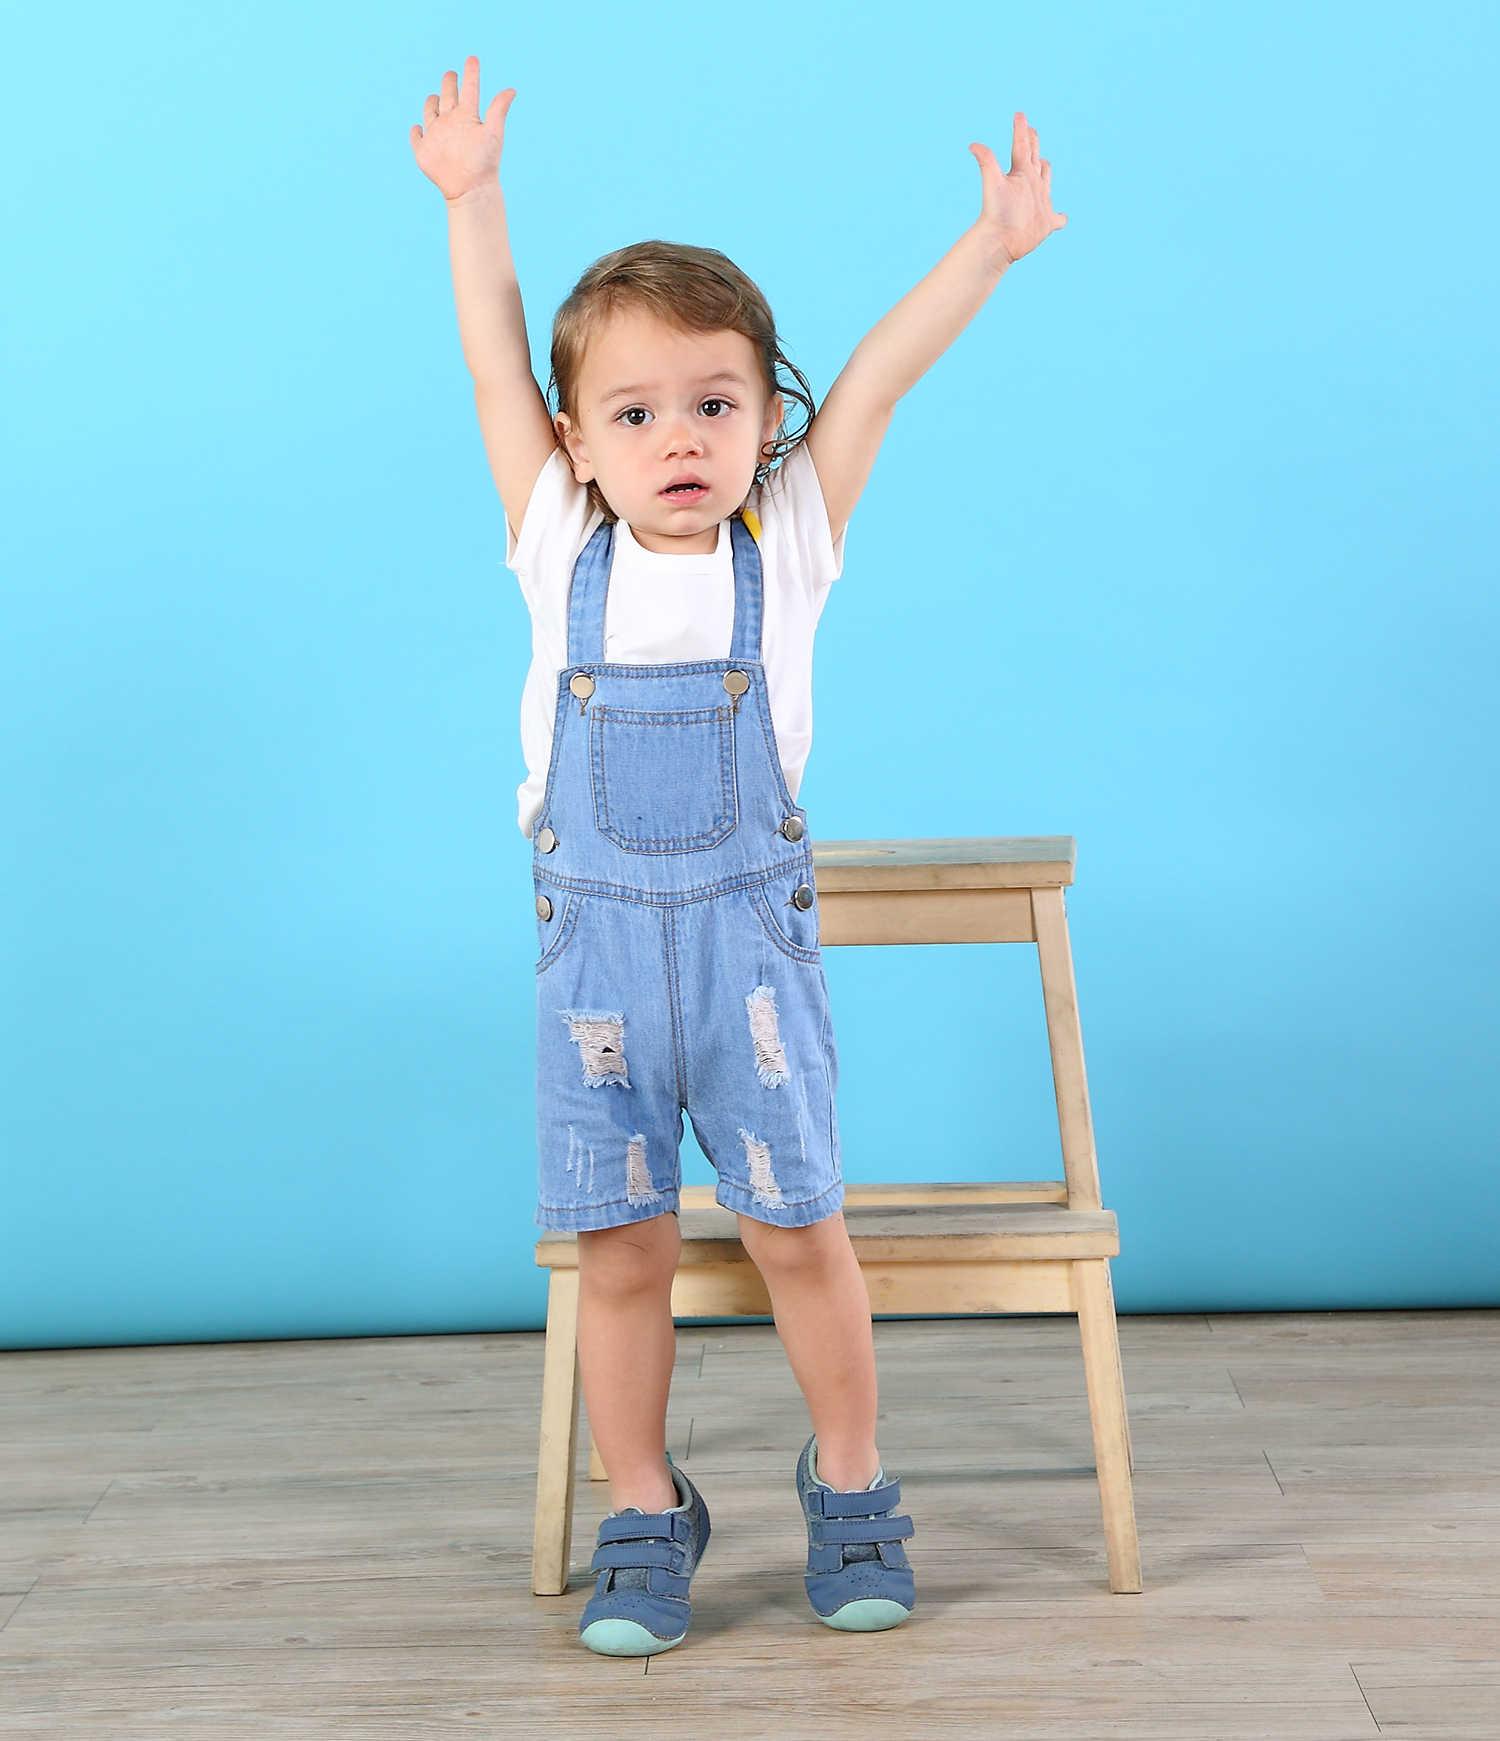 Chumhey/короткие комбинезоны для малышей летние тонкие джинсы для мальчиков и девочек детский комбинезон Одежда для младенцев Bebe Одежда детские шорты